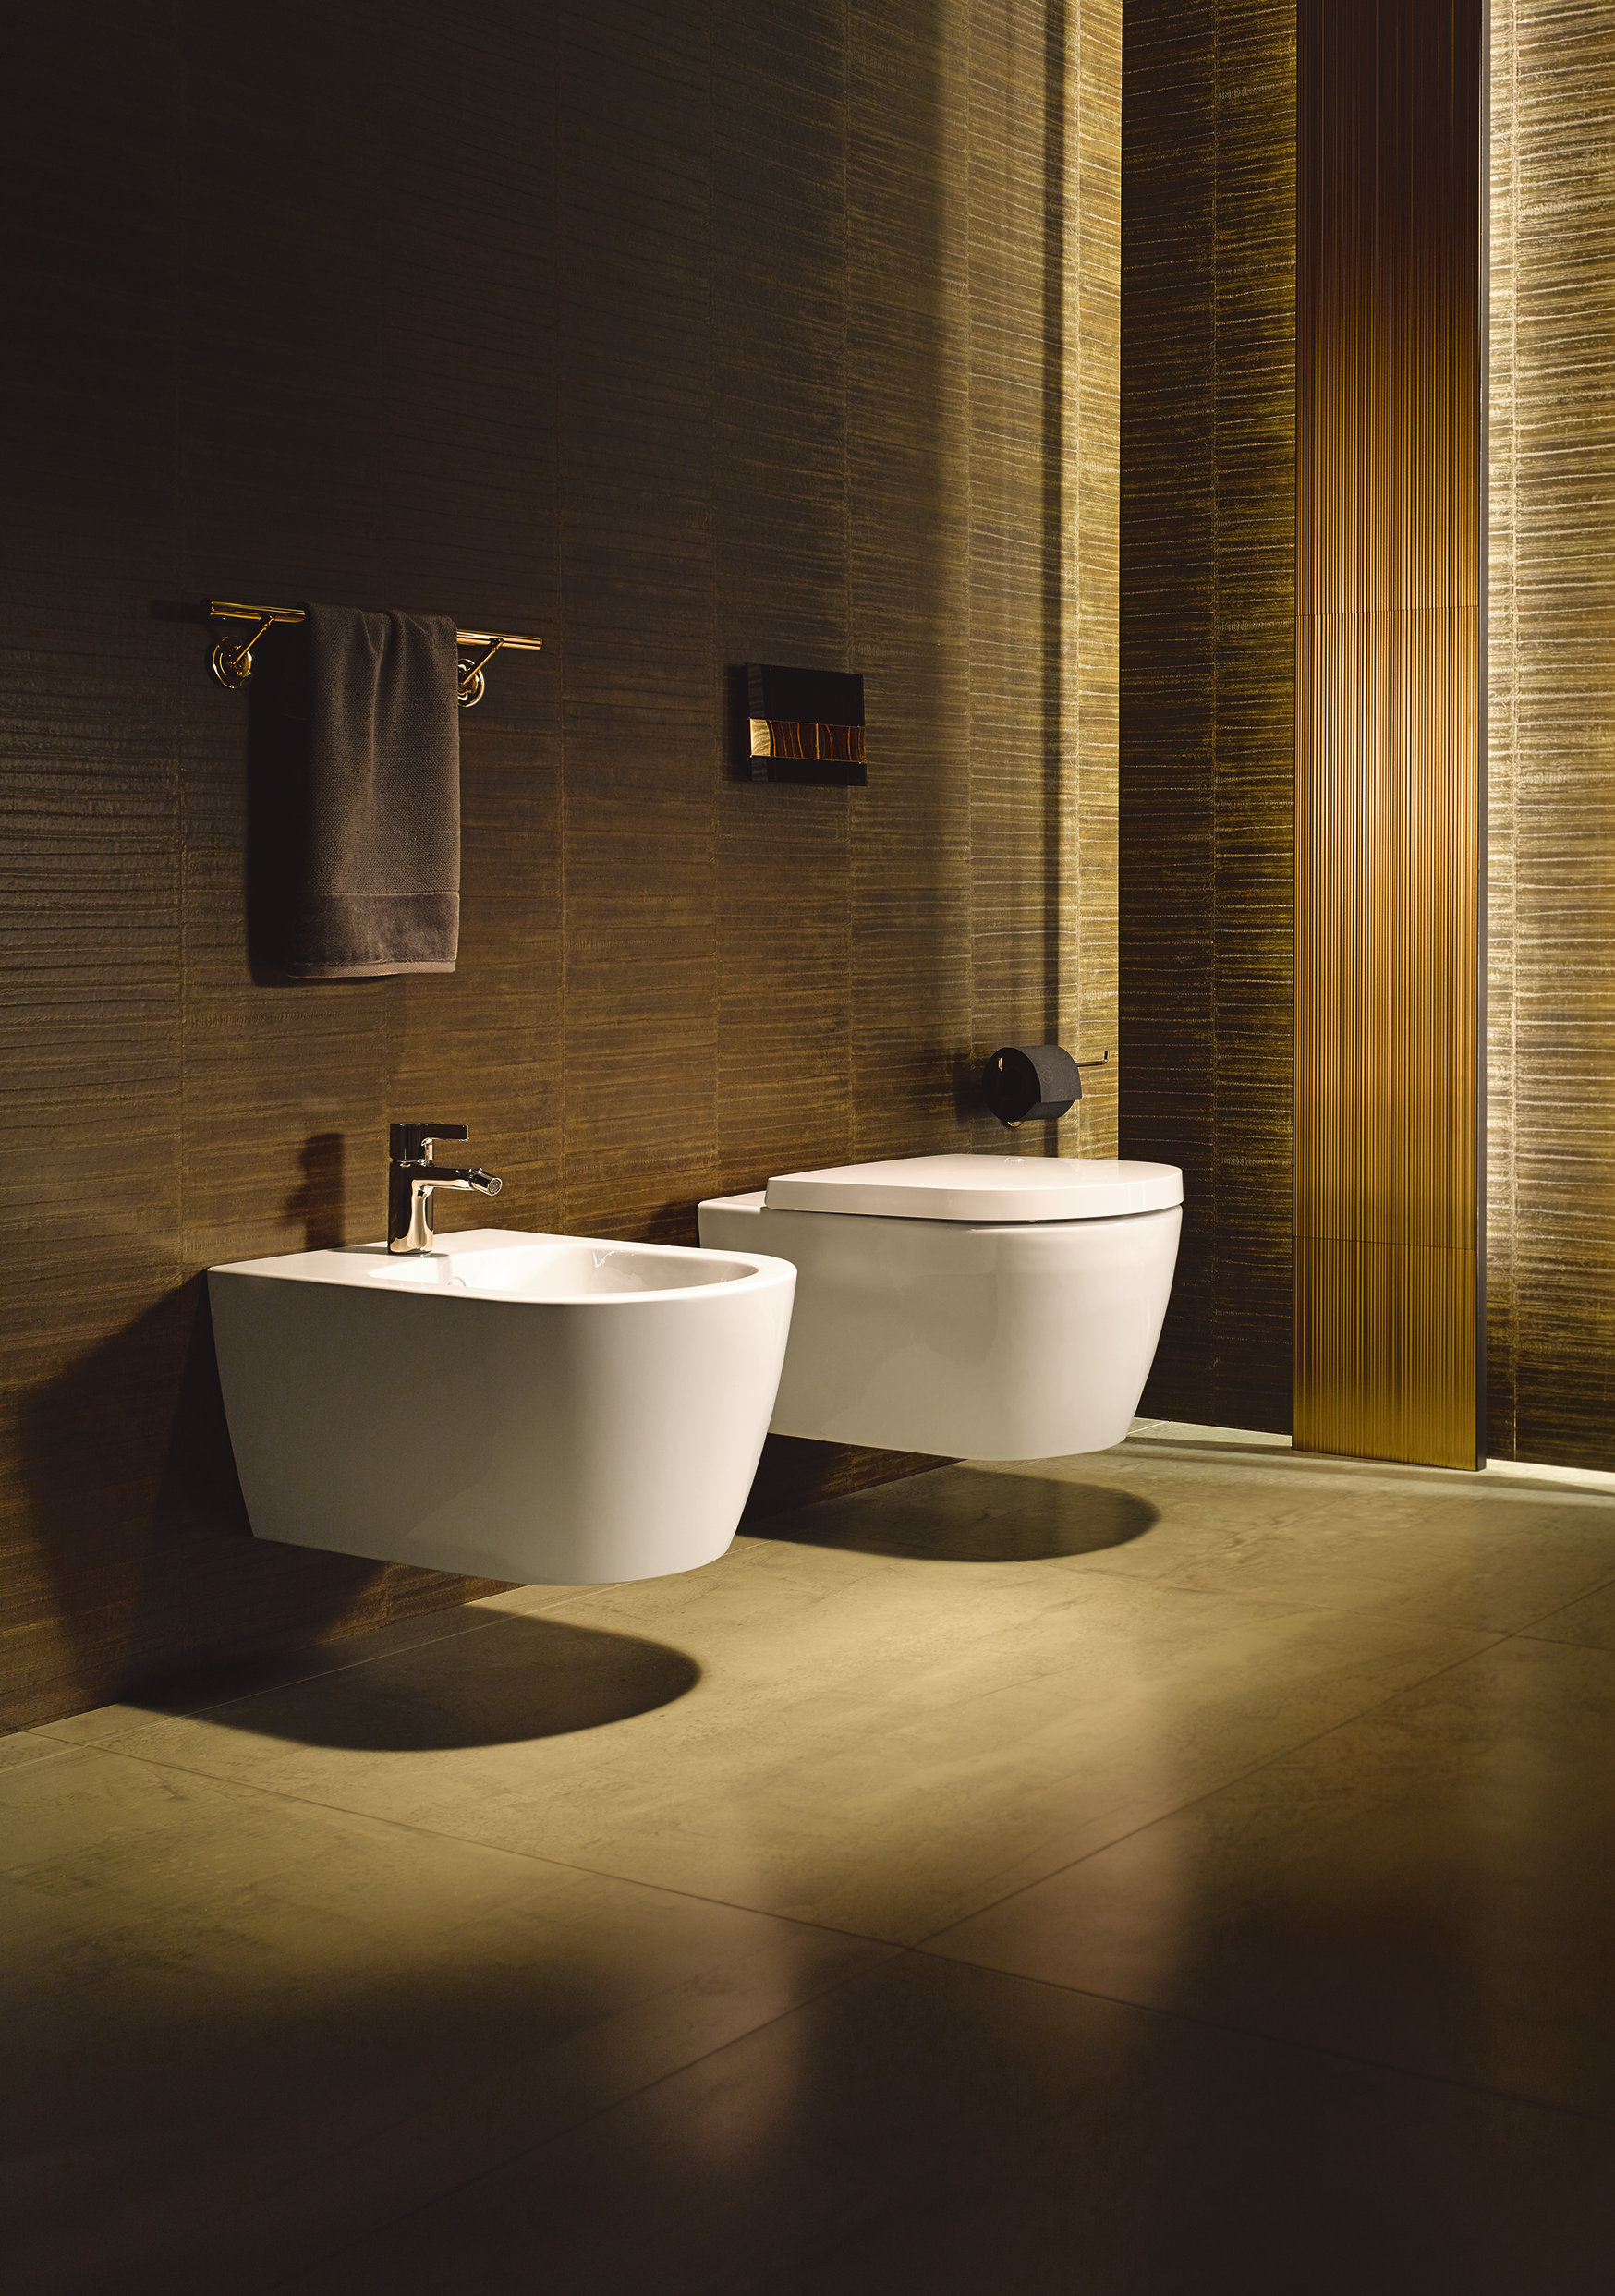 ایده طراحی سرویس بهداشتی دیوار زیورآلات طلایی و کف کرم با سرویس سفید